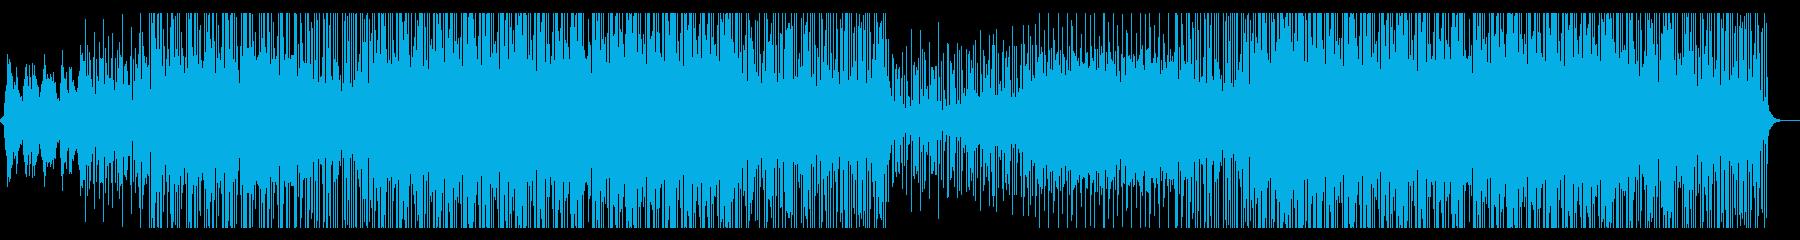 クールで心地よいトロピカルハウス楽曲の再生済みの波形